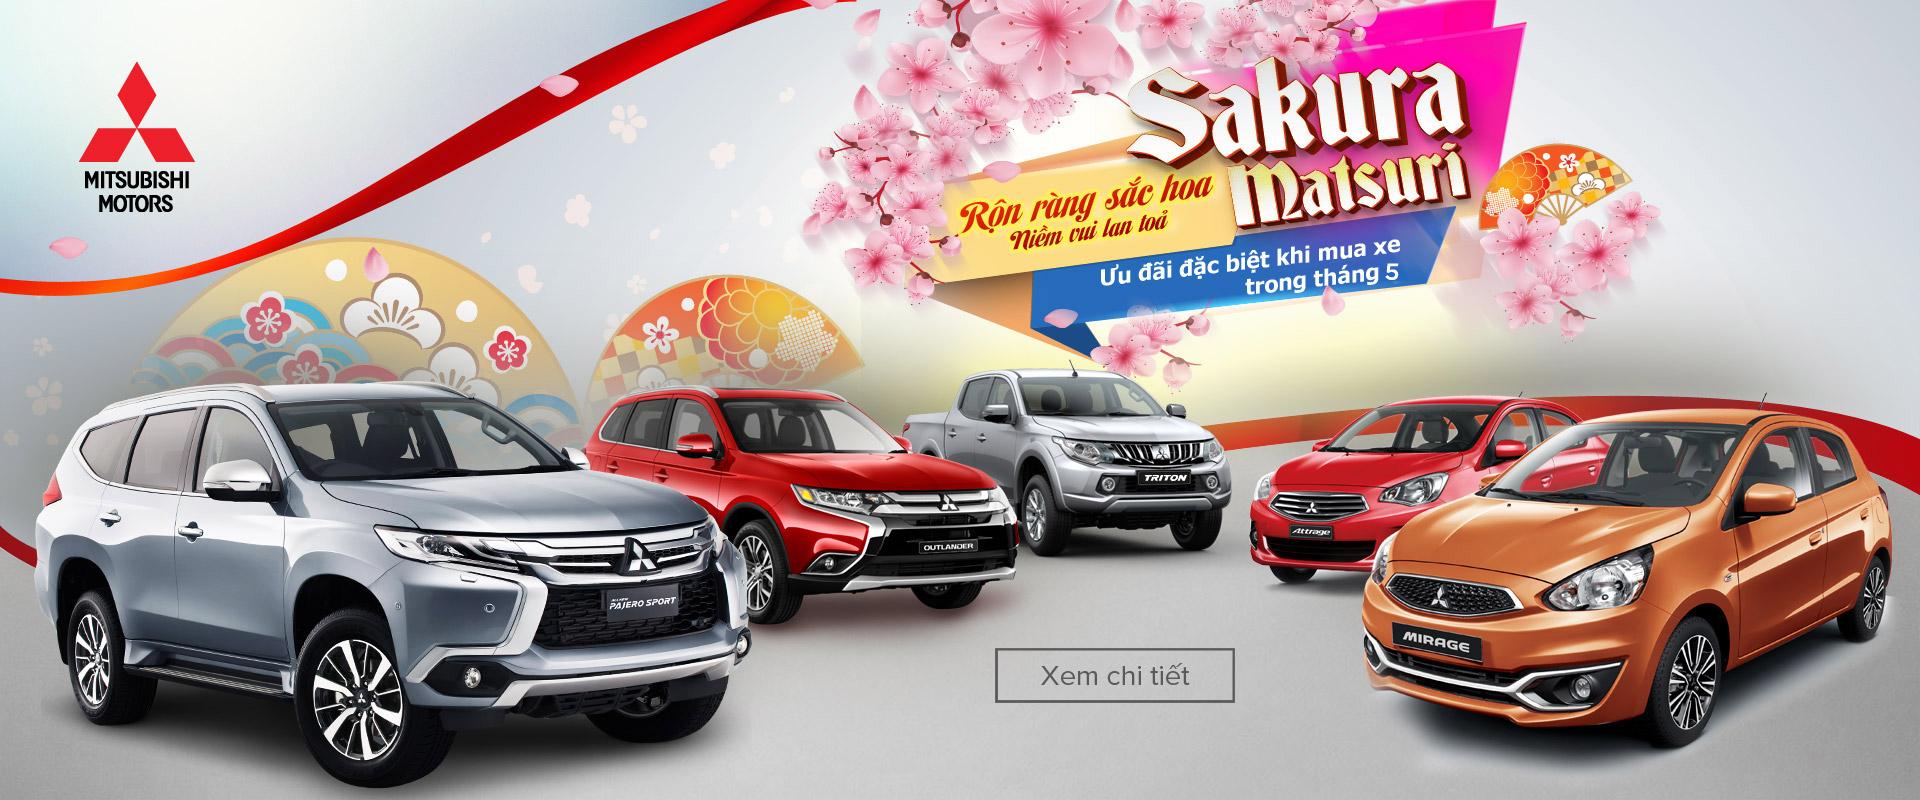 """Khuyến mại tháng 5/2017 """"Sakura Matsuri, Rộn ràng sắc hoa – Niềm vui lan toả"""""""